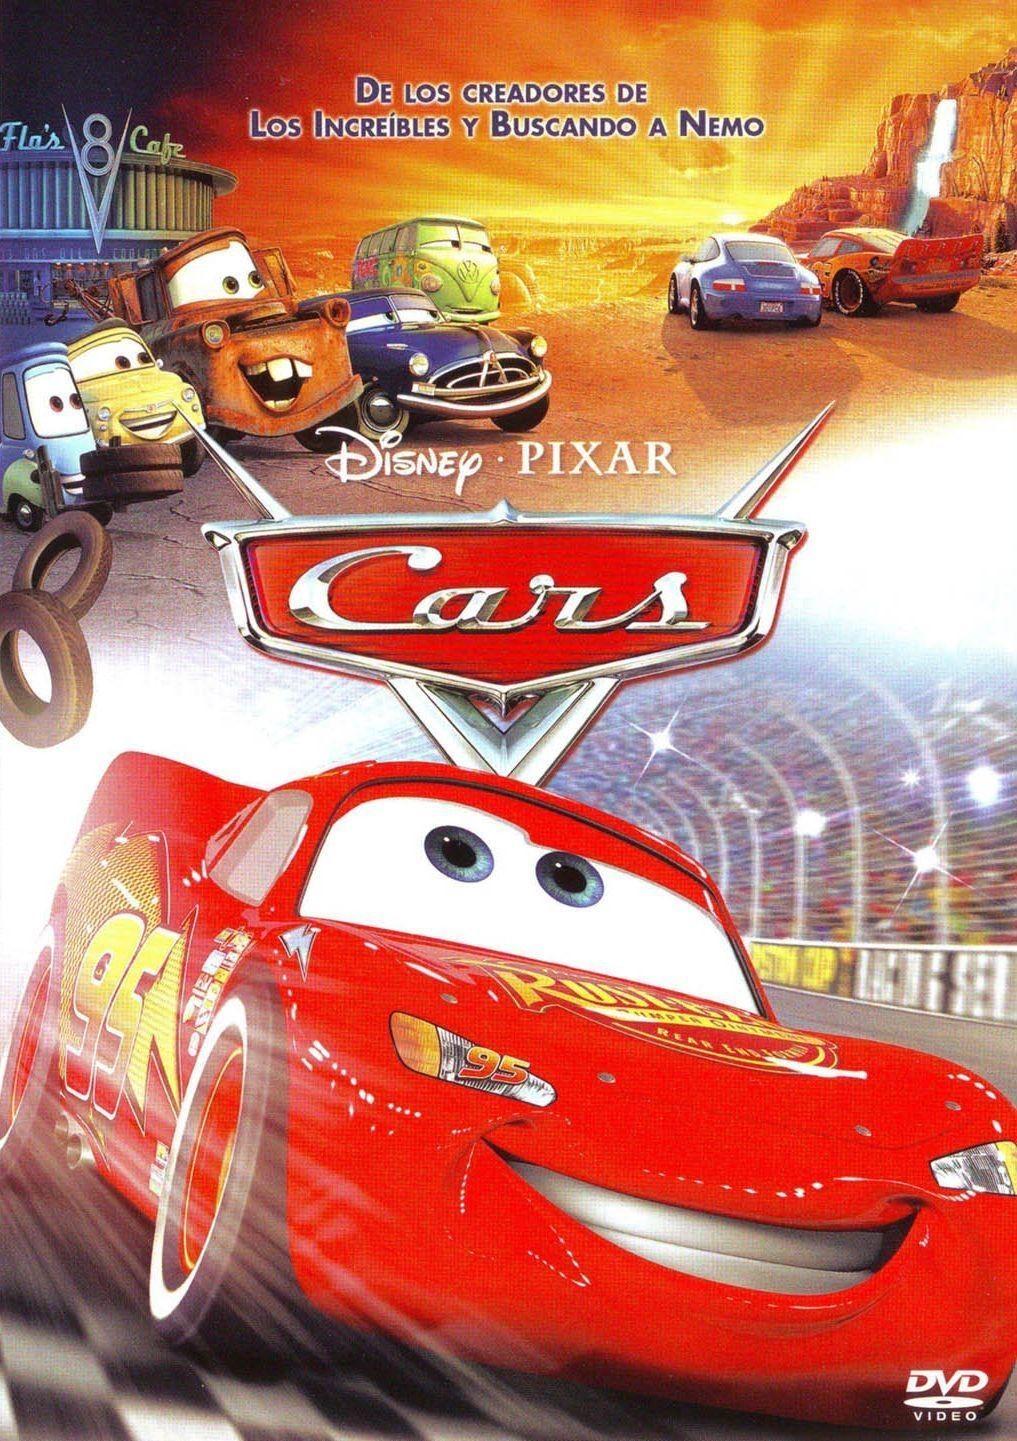 Ver Cars Online Gratis 2006 Hd Pelicula Completa Espanol Filmes Da Disney Filmes Pixar Carros 3 Filme